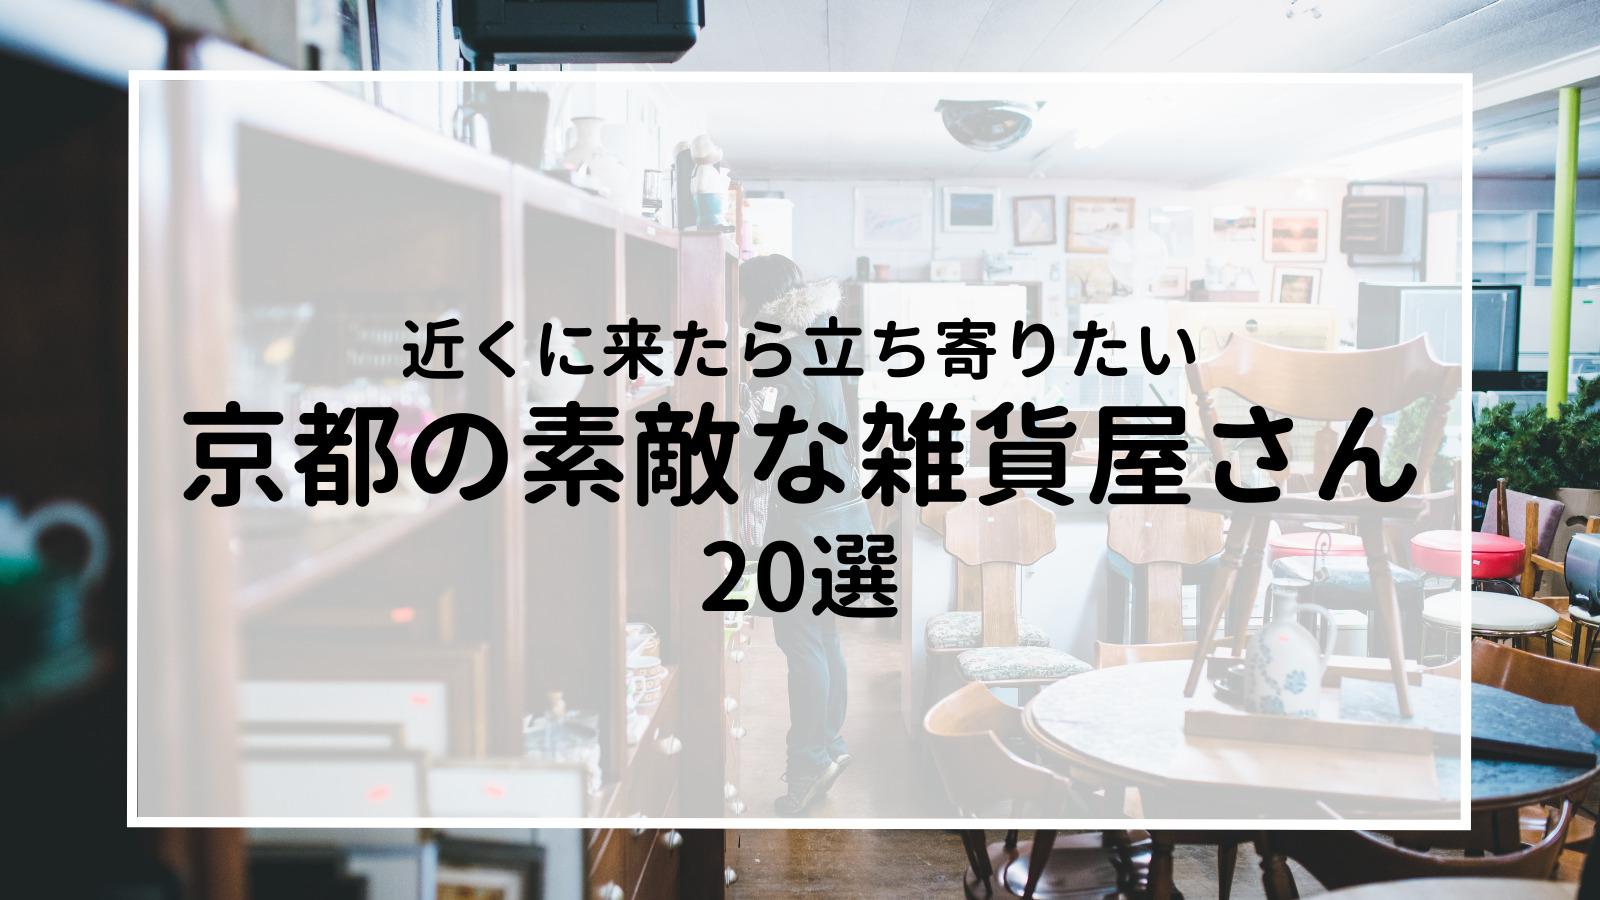 【2021年】京都の素敵な雑貨屋さん(おすすめのお店 20選)